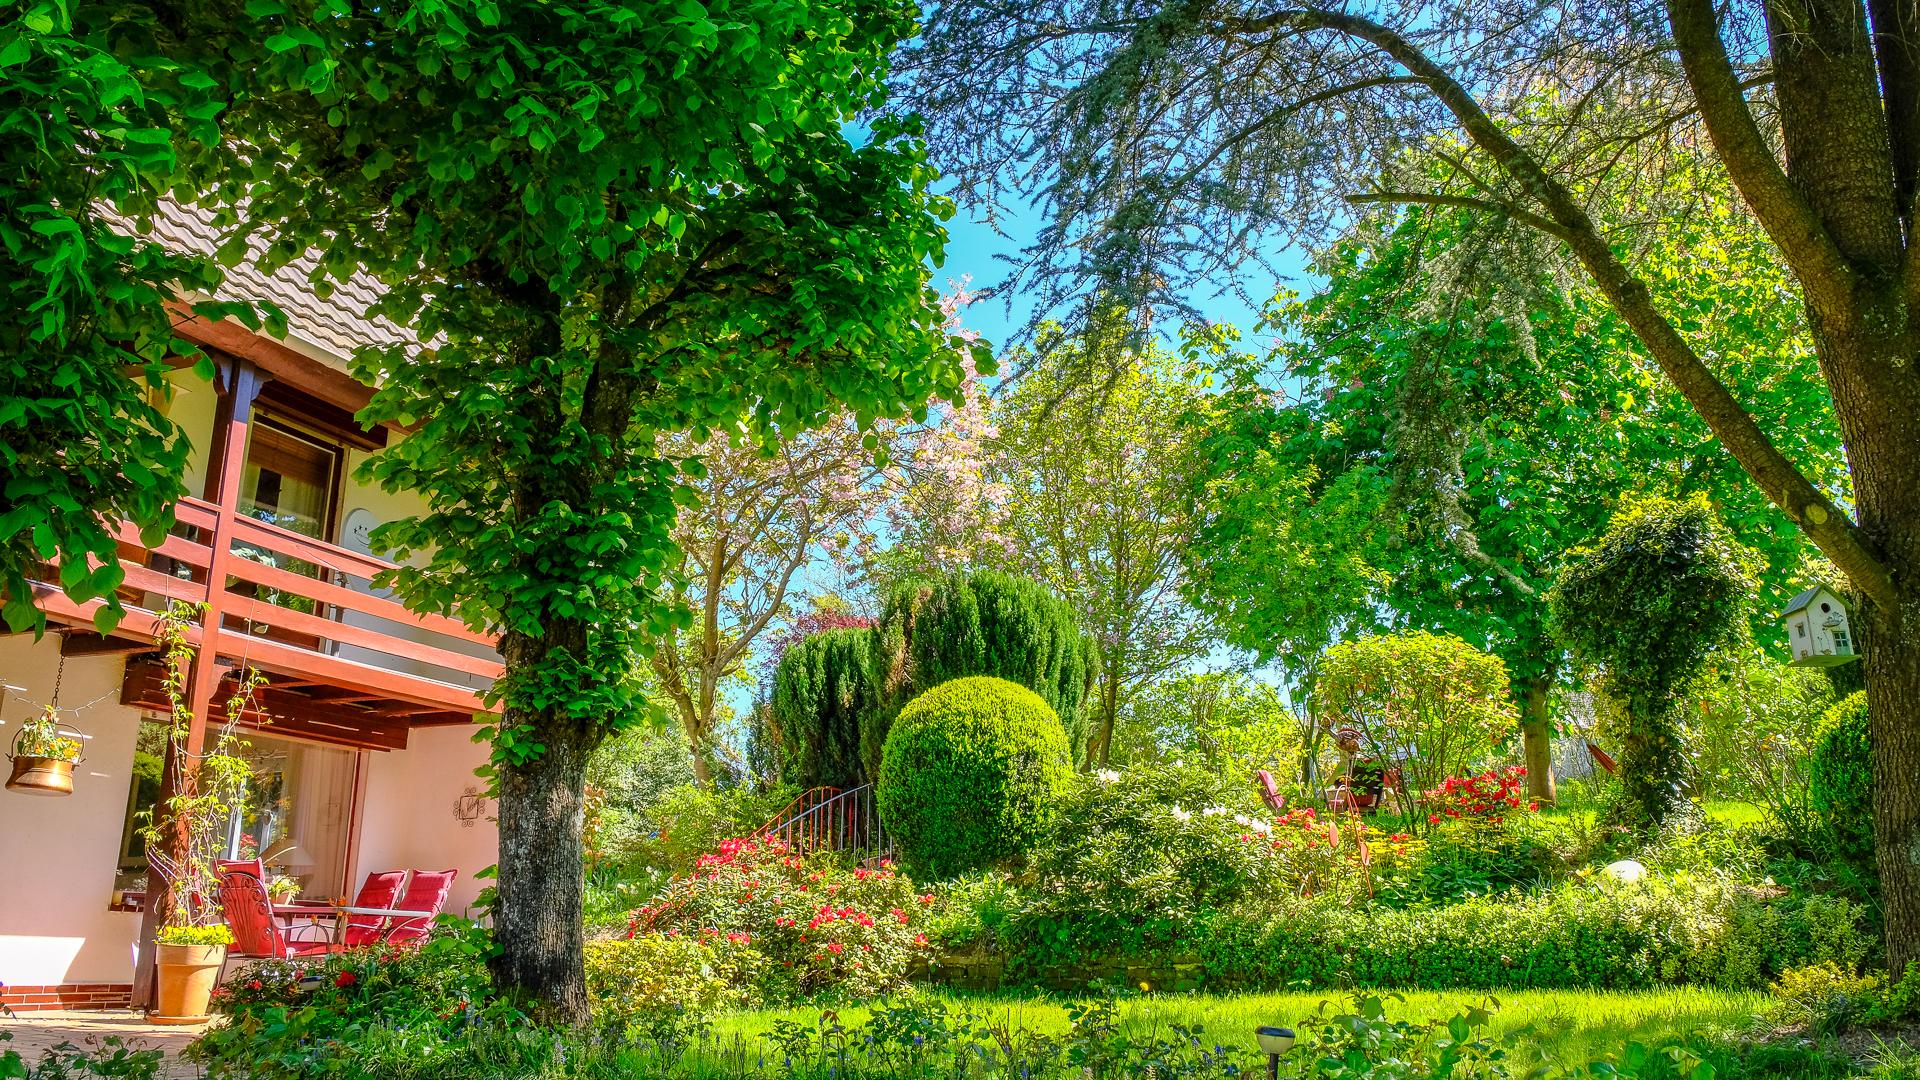 Blick vom Parkplatz auf Haus und Garten